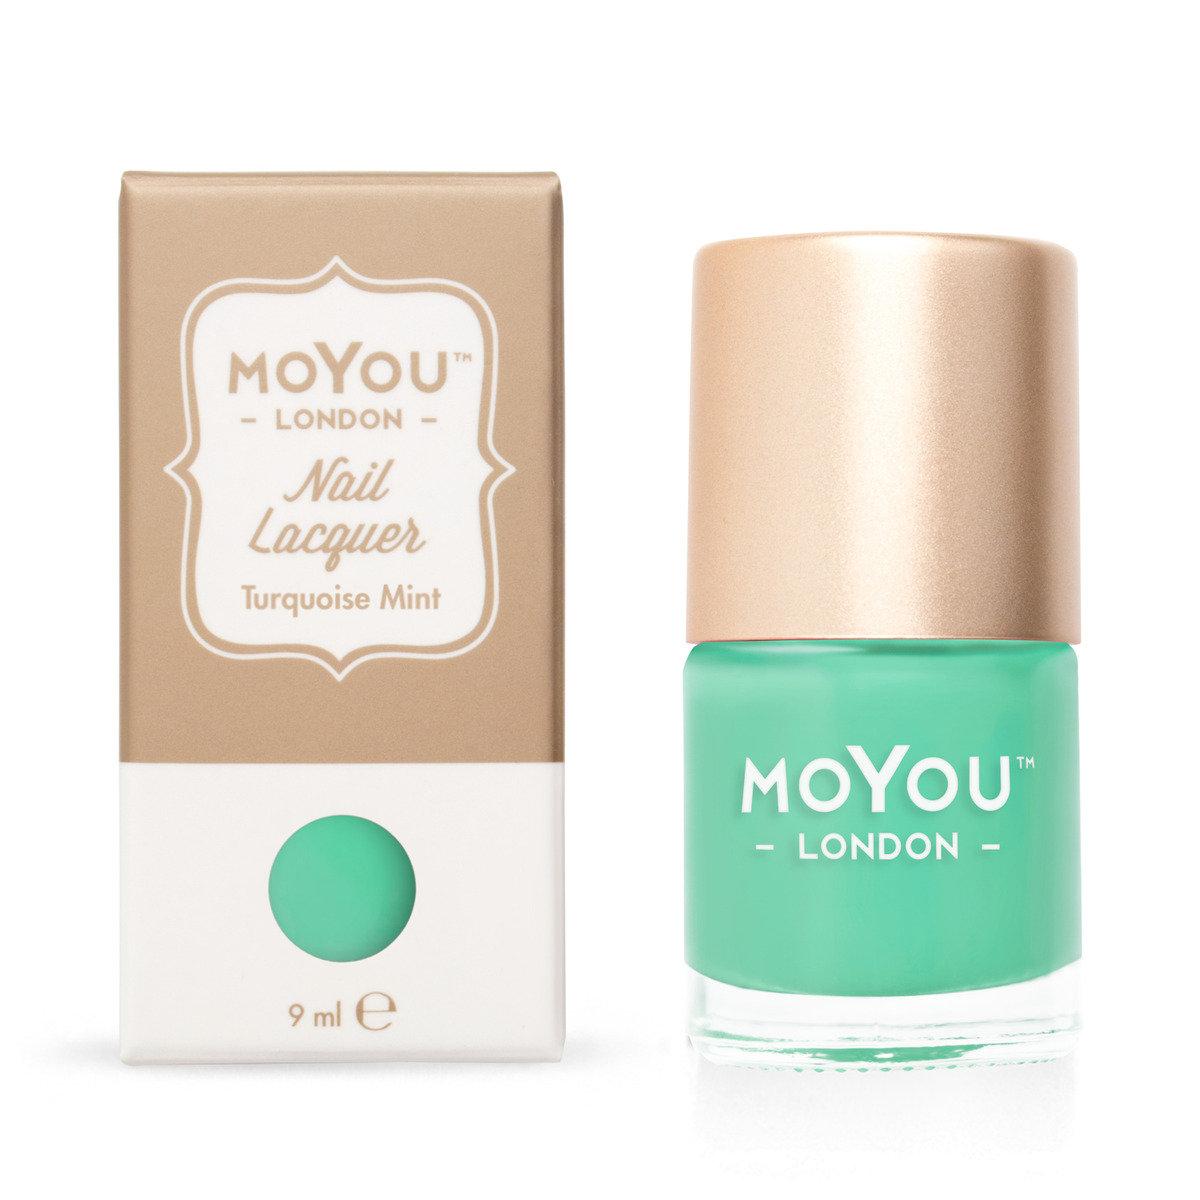 快乾指甲油 - Turquoise Mint #10